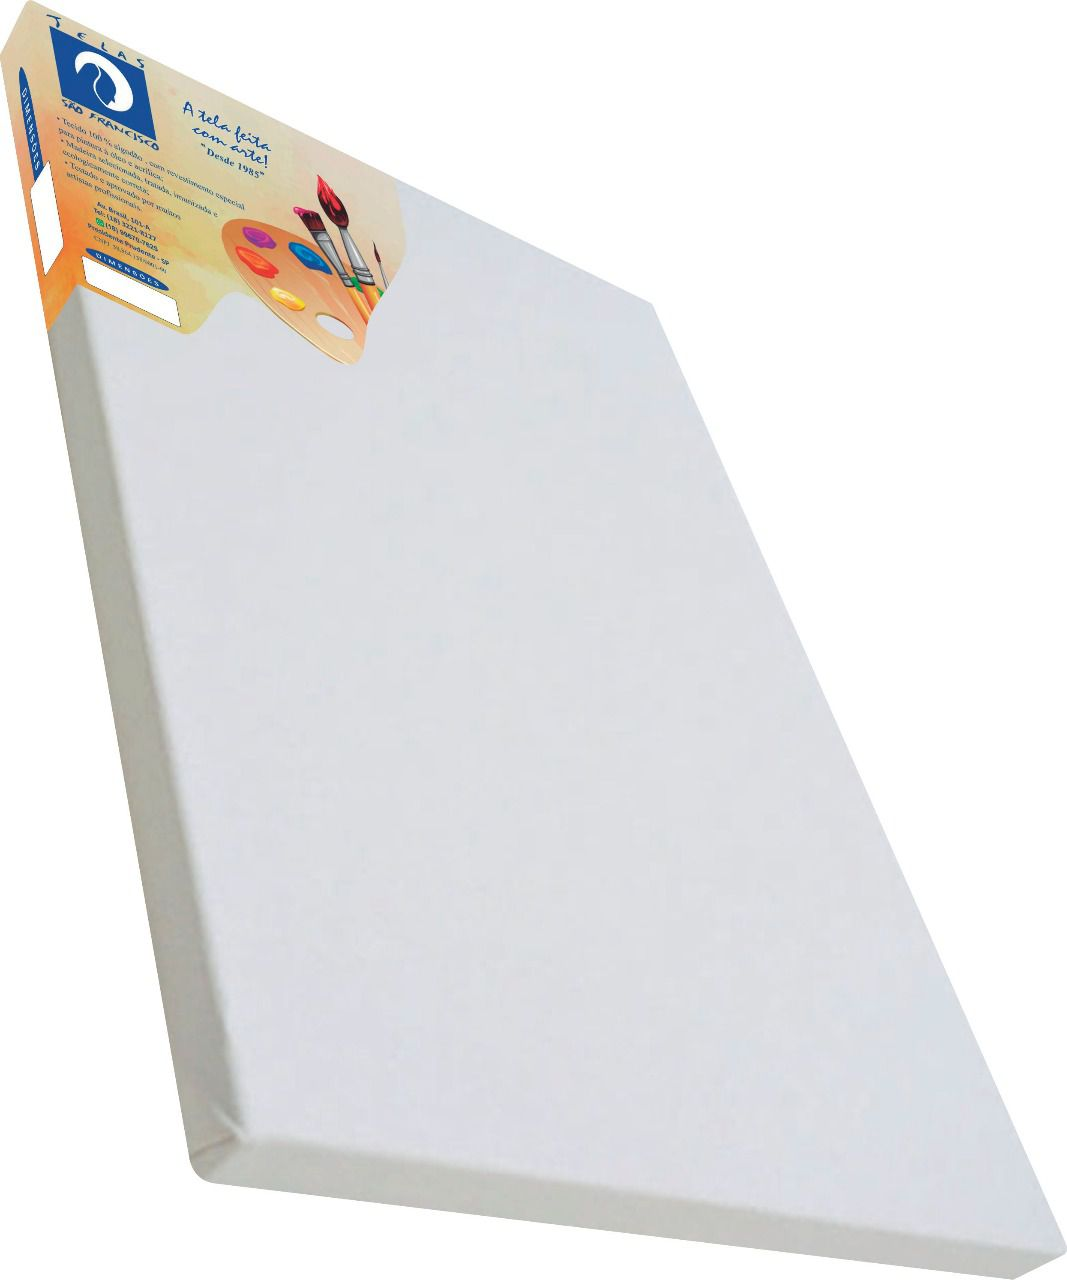 Tela painel para pintura 40x50cm - São Francisco